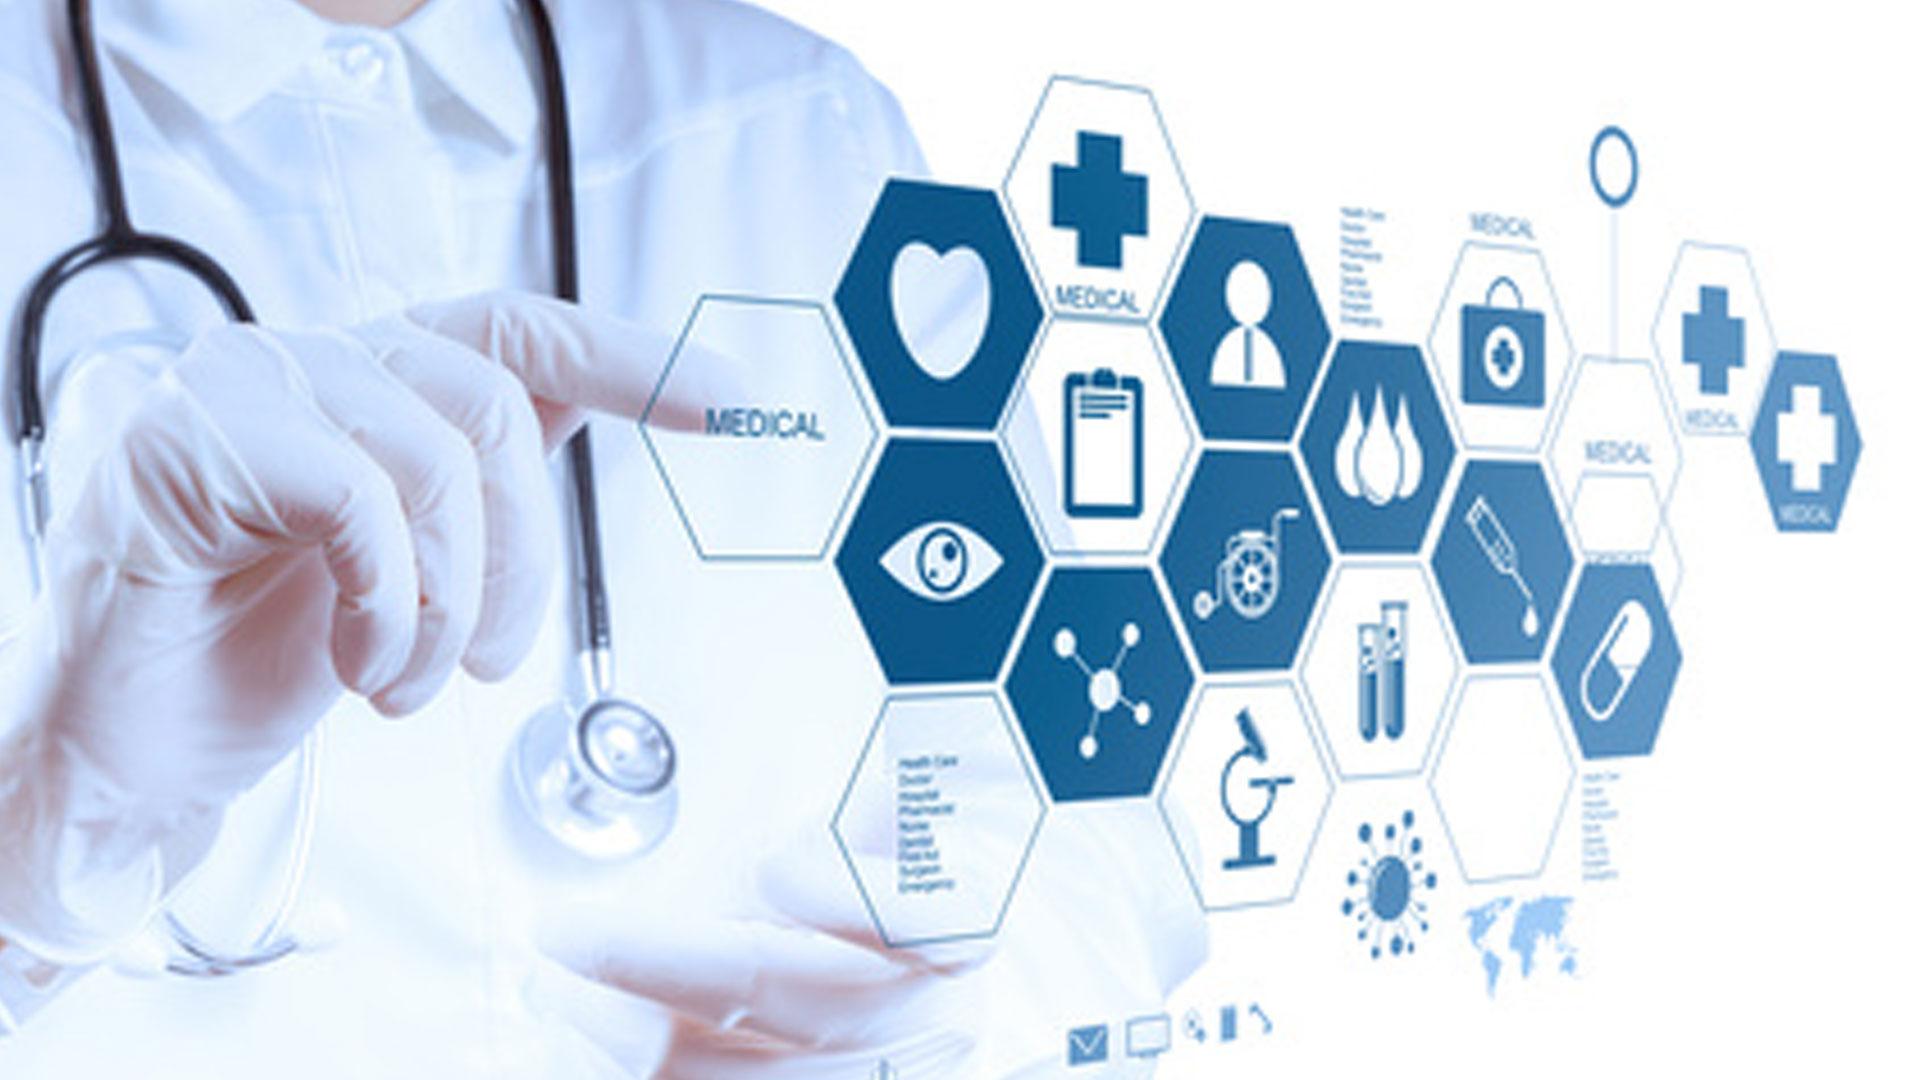 روکیدا   فناوری به کمک کادر درمان می آید: از معاینه تا درمان غیر حضوری  